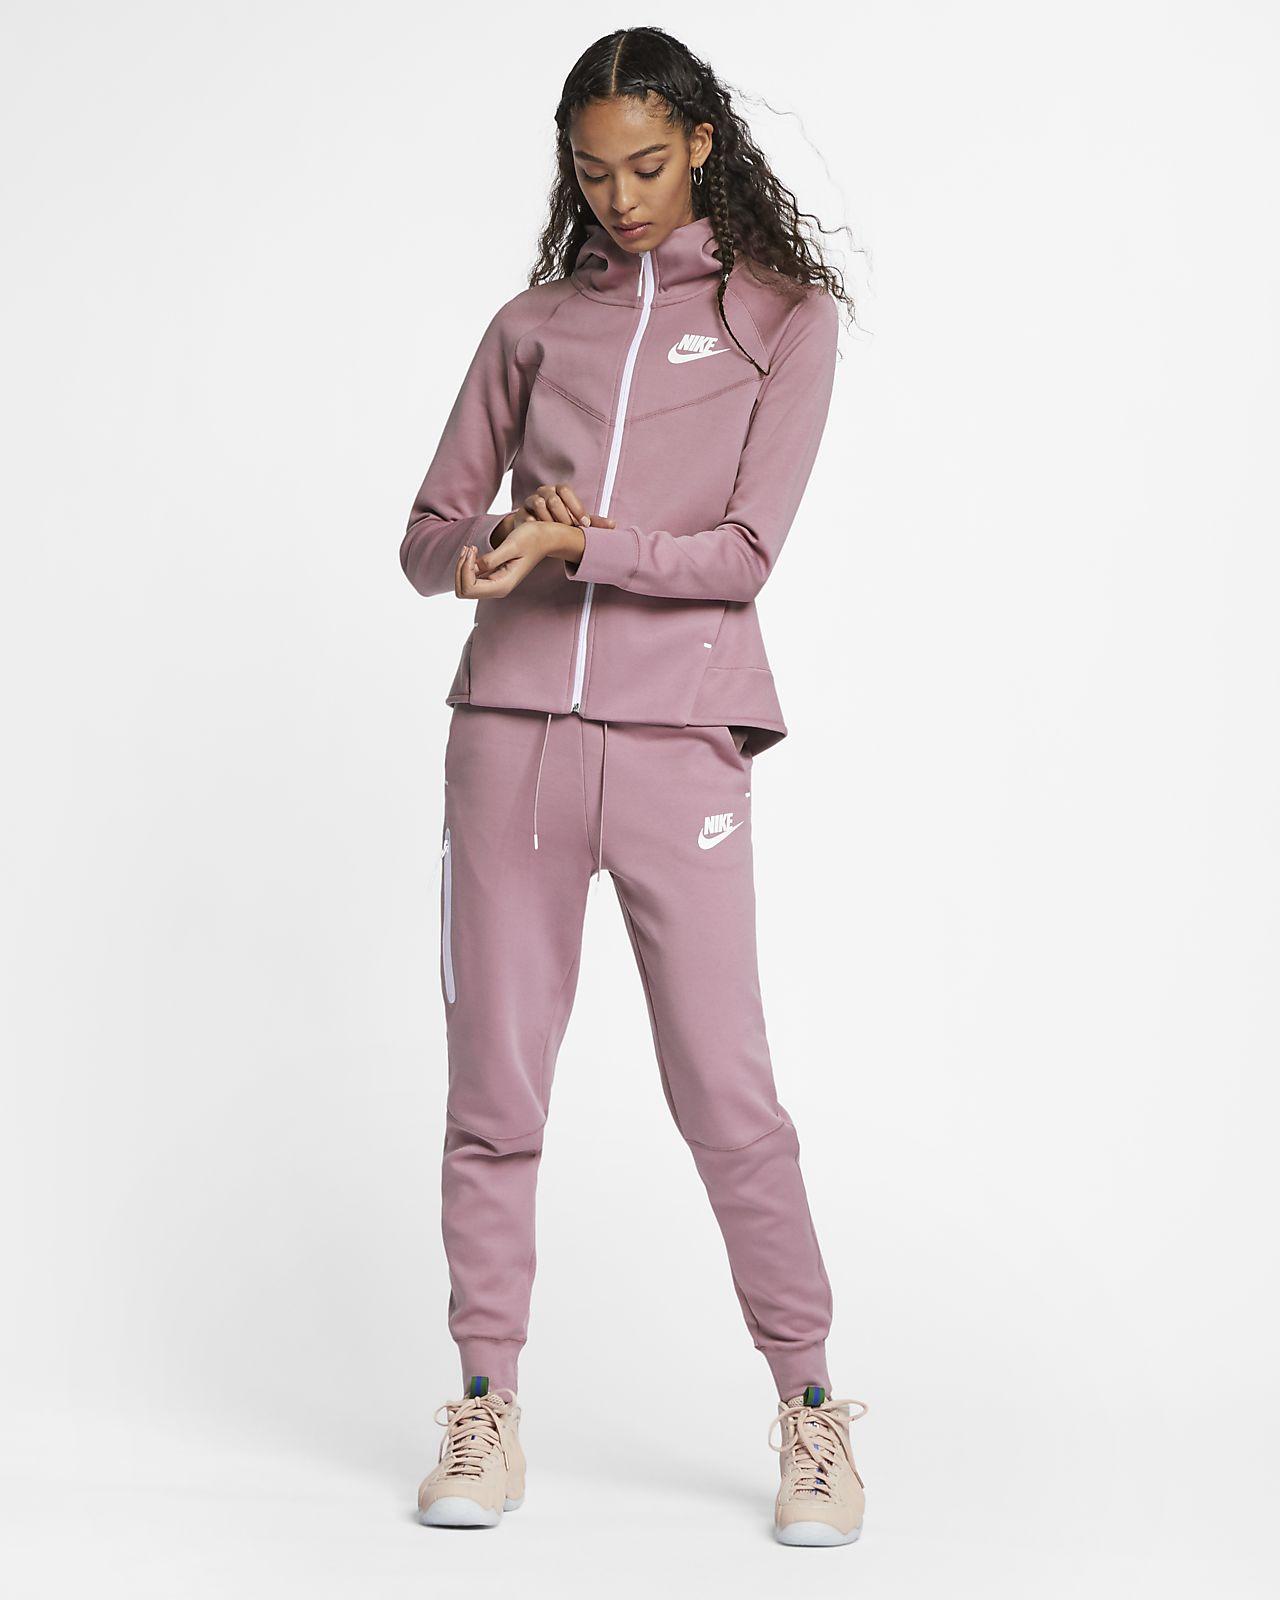 edce8e4edaf8 Nike Sportswear Tech Fleece Windrunner Women s Full-Zip Hoodie. Nike ...